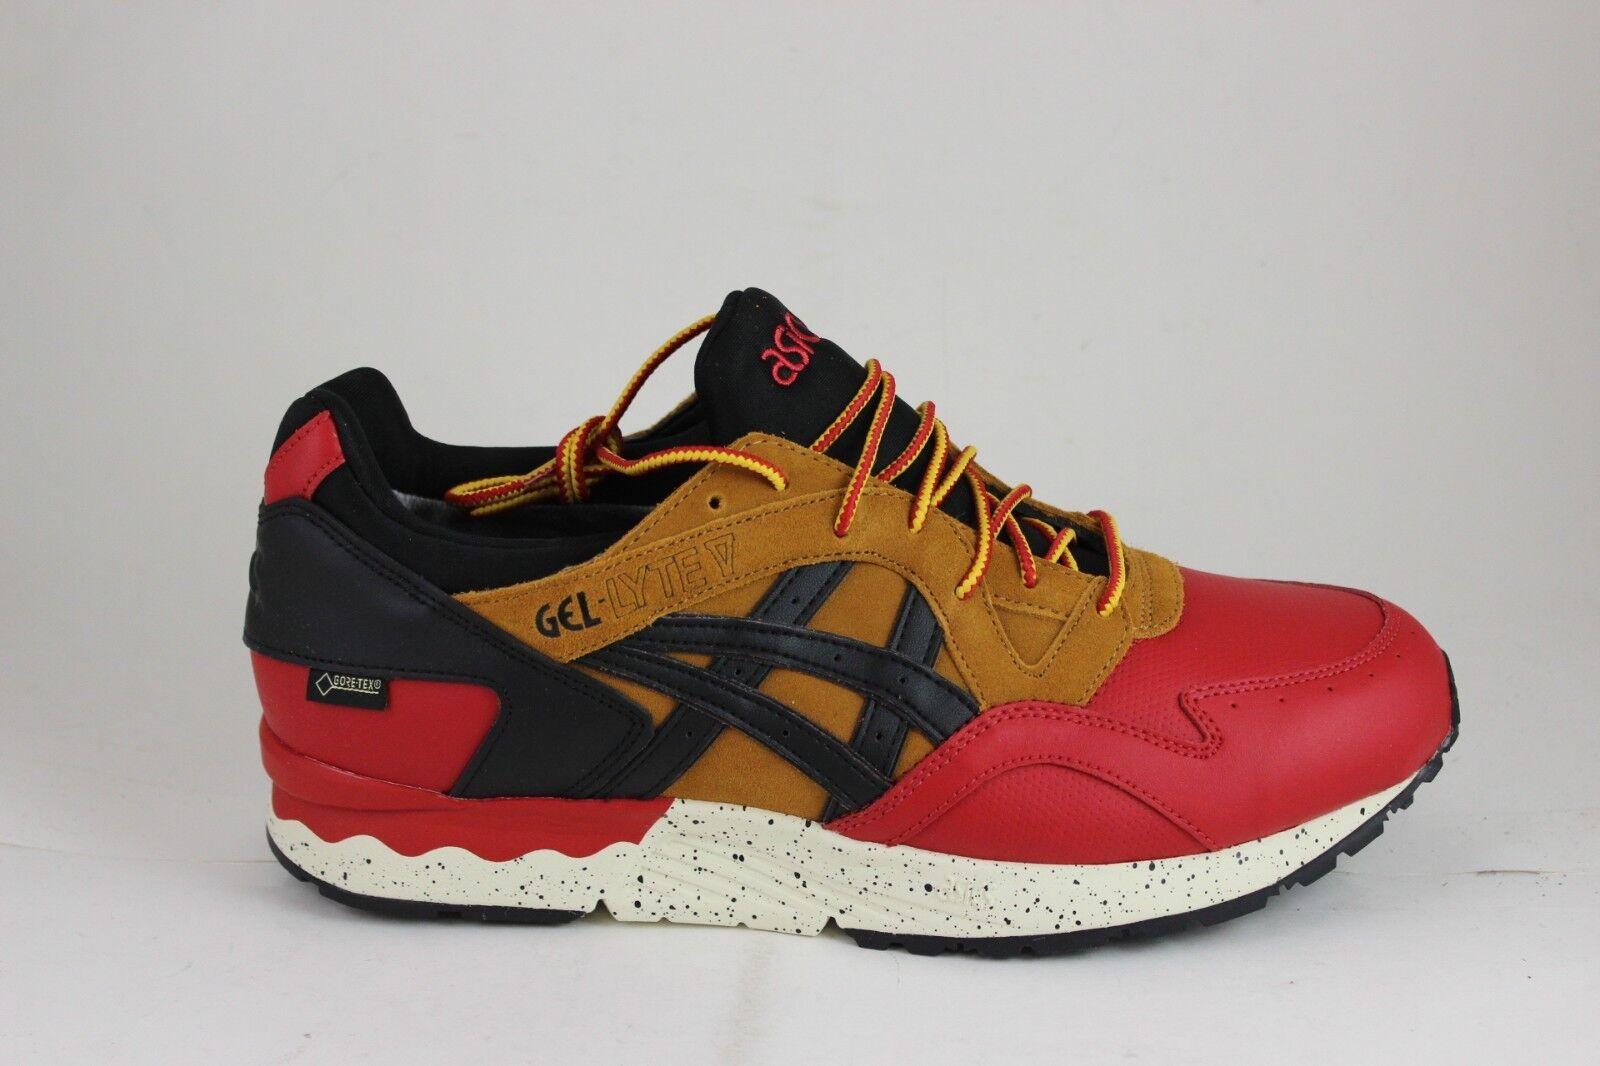 Men's Asics Gel Lyte V G-TX Red Black HL6E2 2590 Brand New in Box Suede Mesh